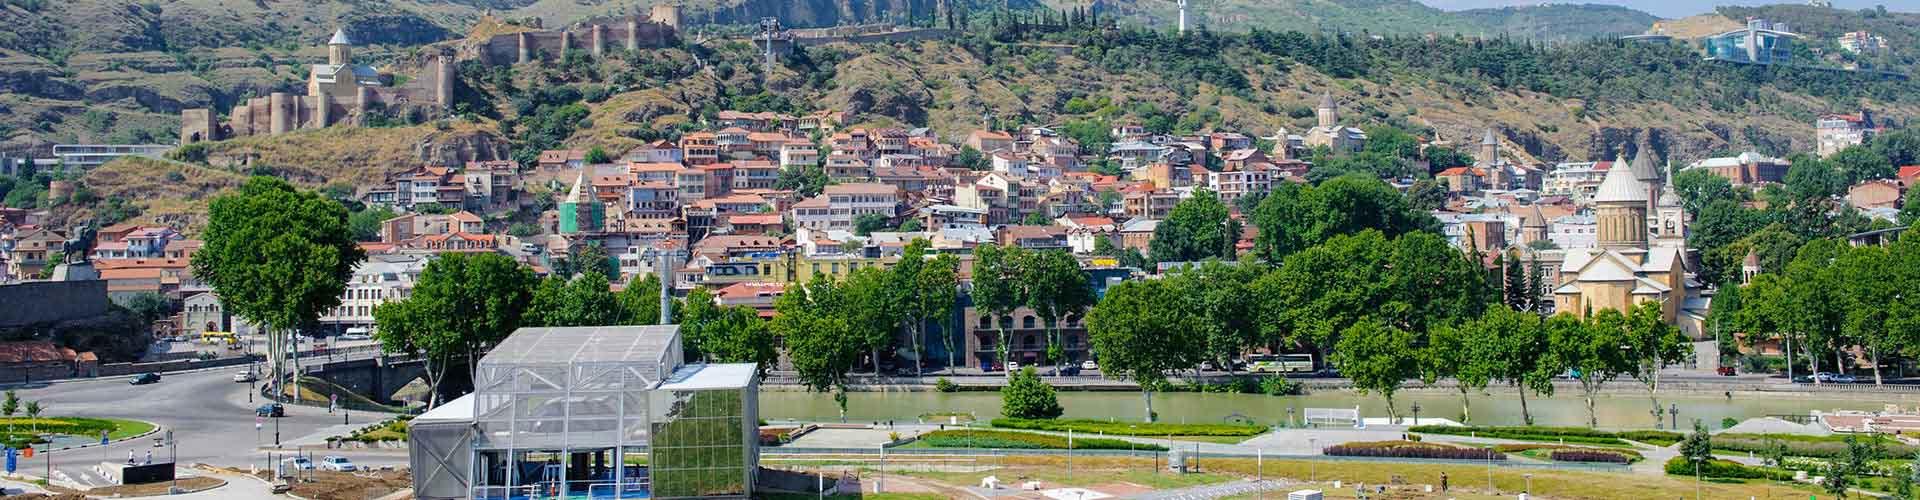 Tbilisi – Albergues em Tbilisi. Mapas para Tbilisi, Fotos e Avaliações para cada Albergue em Tbilisi.